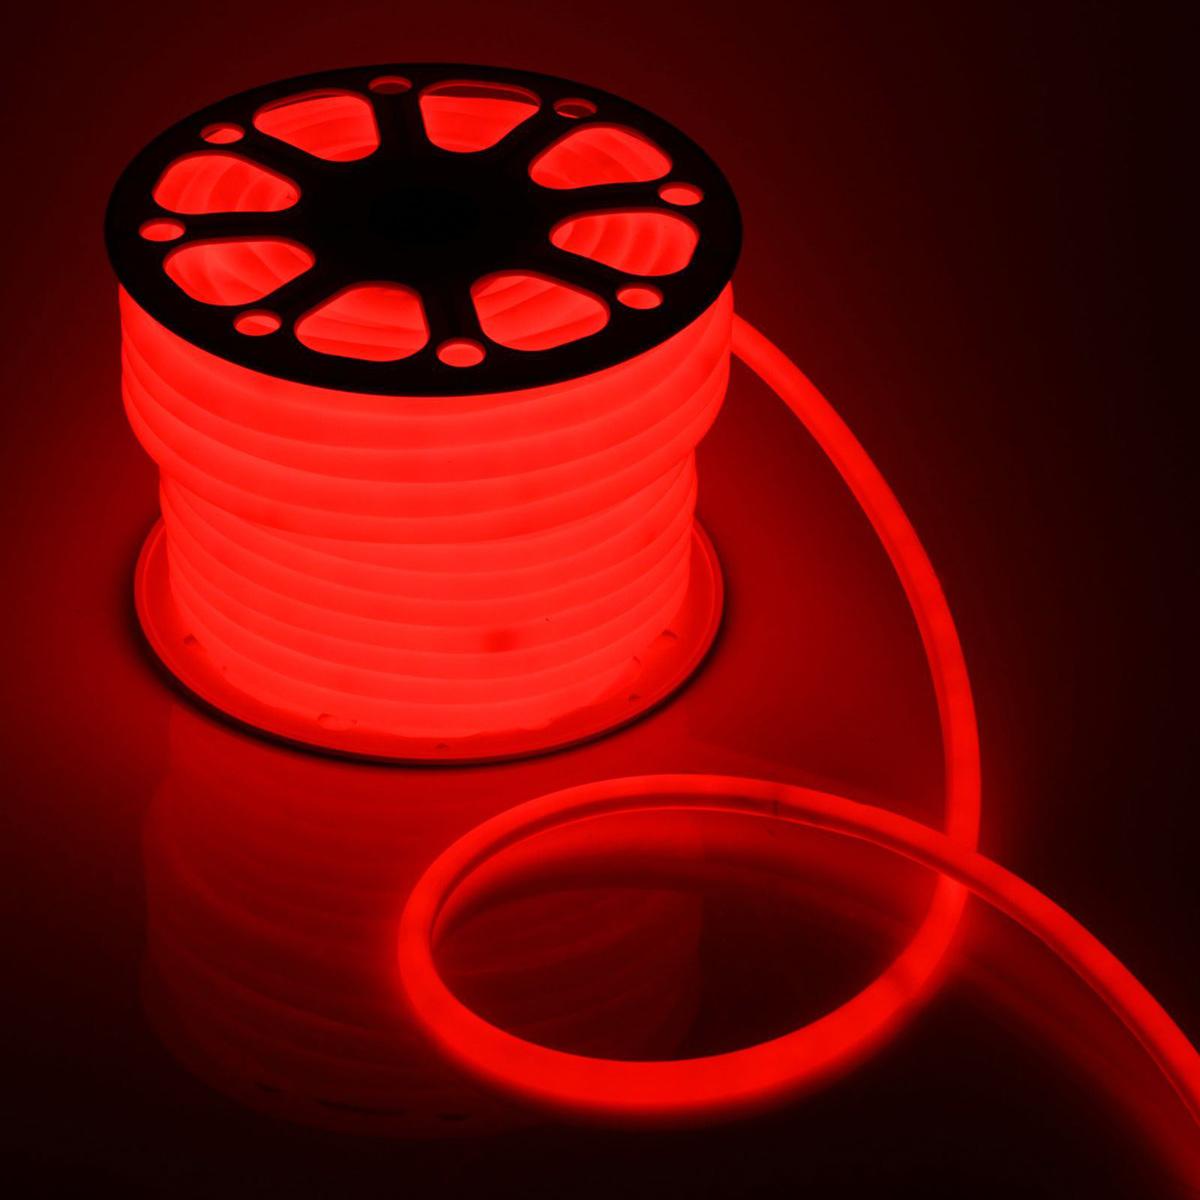 Гирлянда светодиодная Luazon, 120 ламп, 220 V, цвет: красный, 1,6 см х 50 м. 14313041431304Светодиодные гирлянды, ленты и т.д — это отличный вариант для новогоднего оформления интерьера или фасада. С их помощью помещение любого размера можно превратить в праздничный зал, а внешние элементы зданий, украшенные ими, мгновенно станут напоминать очертания сказочного дворца. Такие украшения создают ауру предвкушения чуда. Деревья, фасады, витрины, окна и арки будто специально созданы, чтобы вы украсили их светящимися нитями.